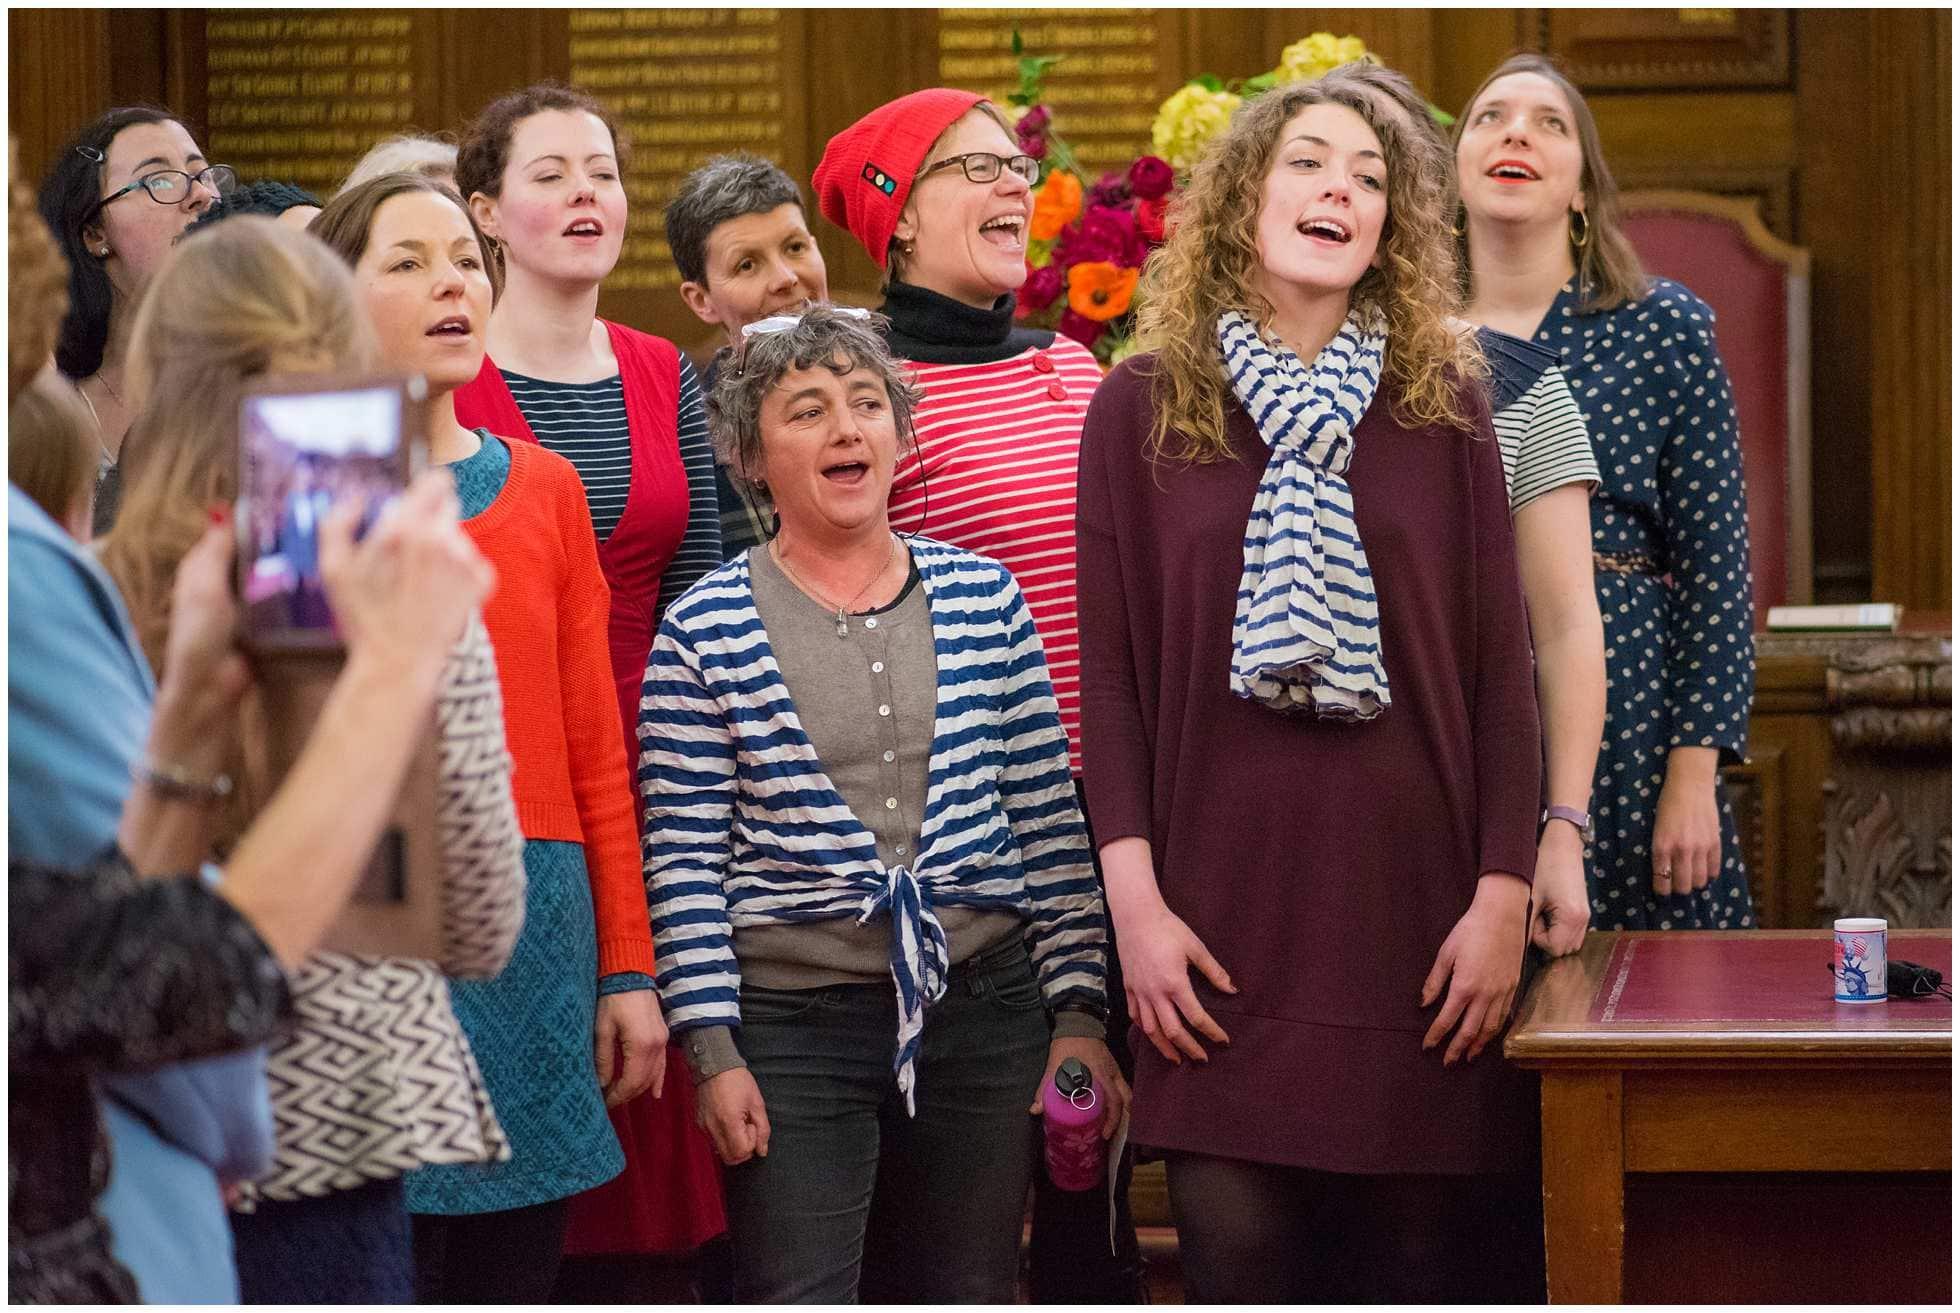 Sea Shanty choir singing at a wedding at islington town hall